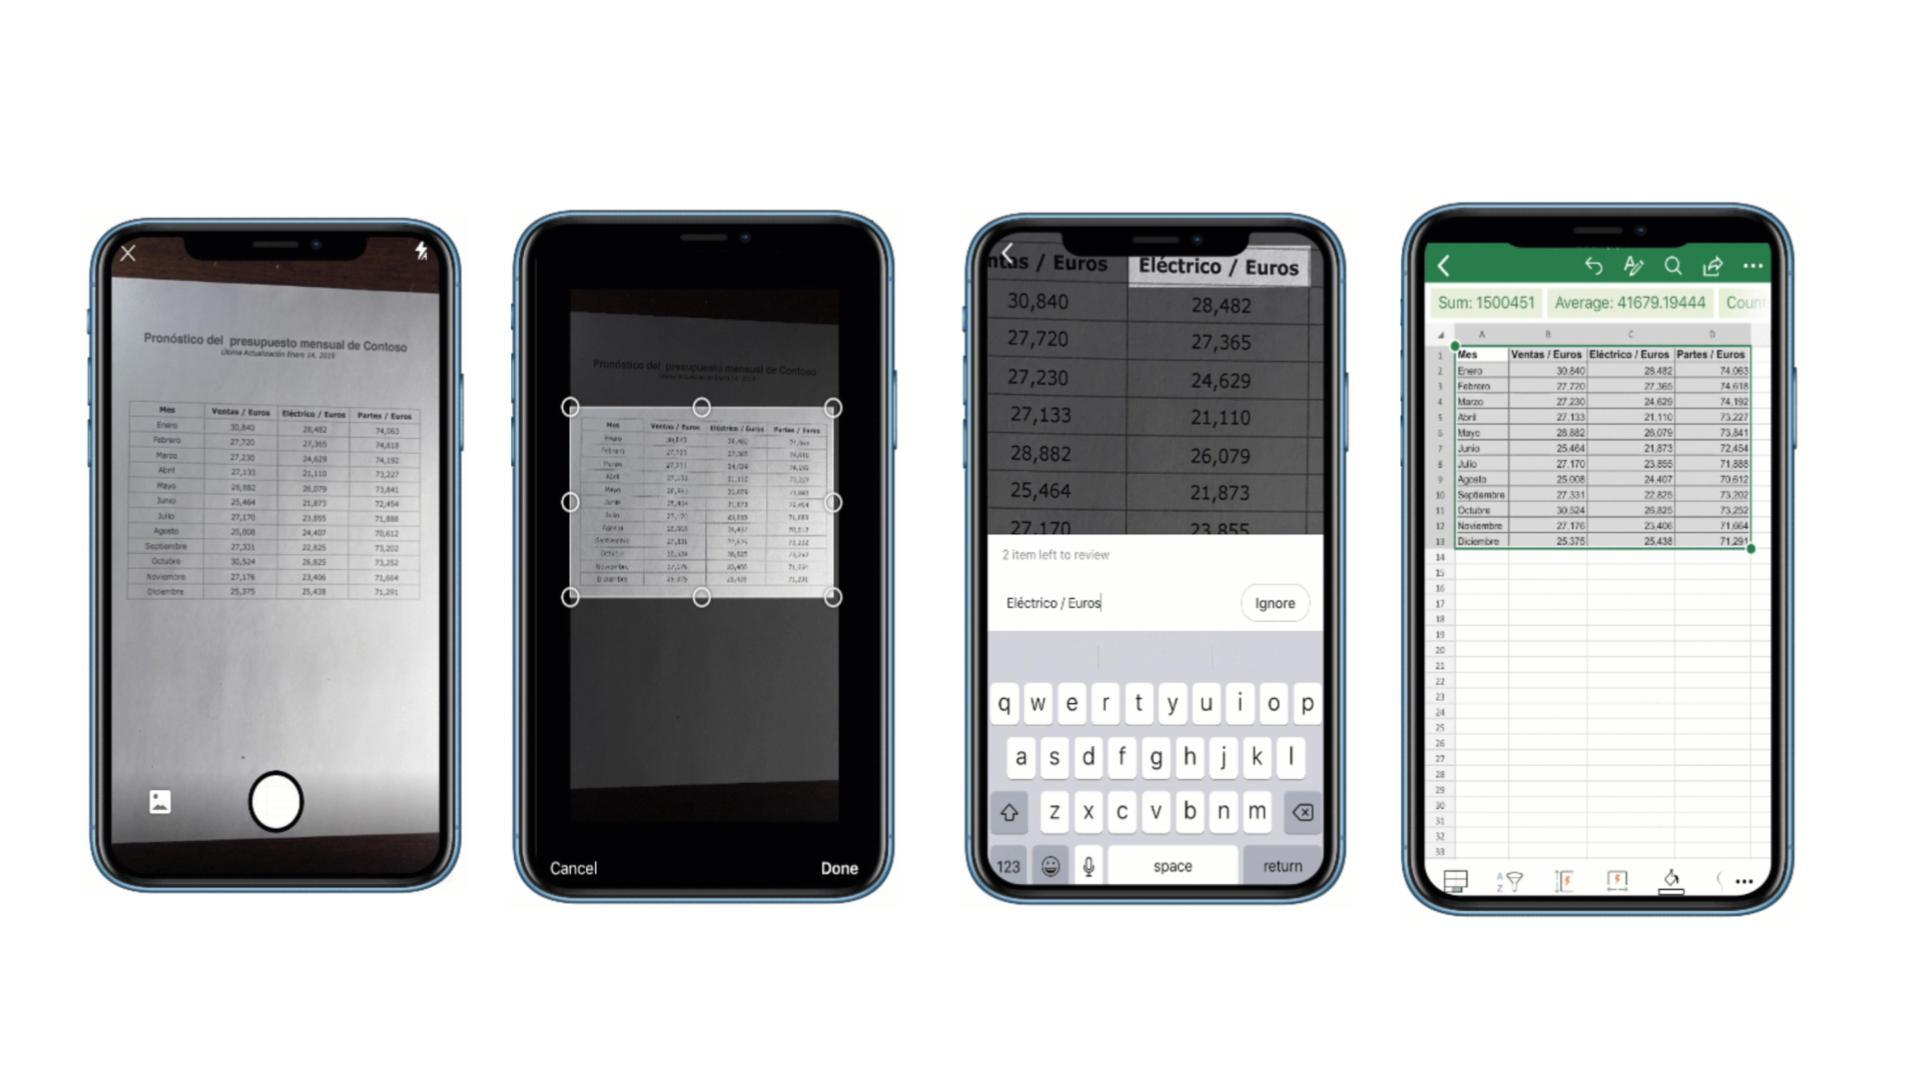 Excel pour iPhone et Android : prenez tout simplement en photo un tableau pour l'importer